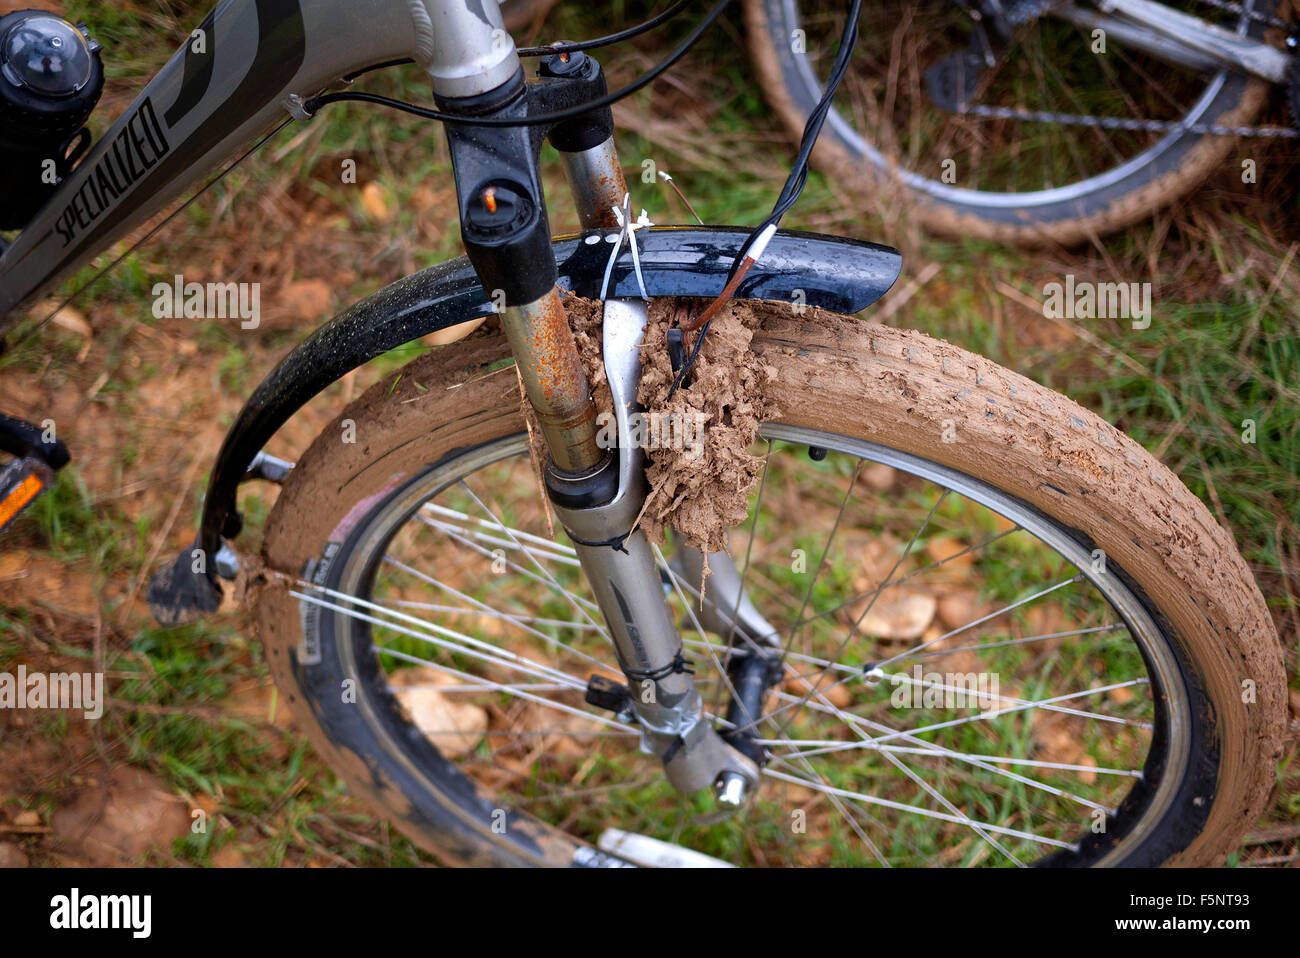 Il fango intasato la ruota di bicicletta. Immagini Stock